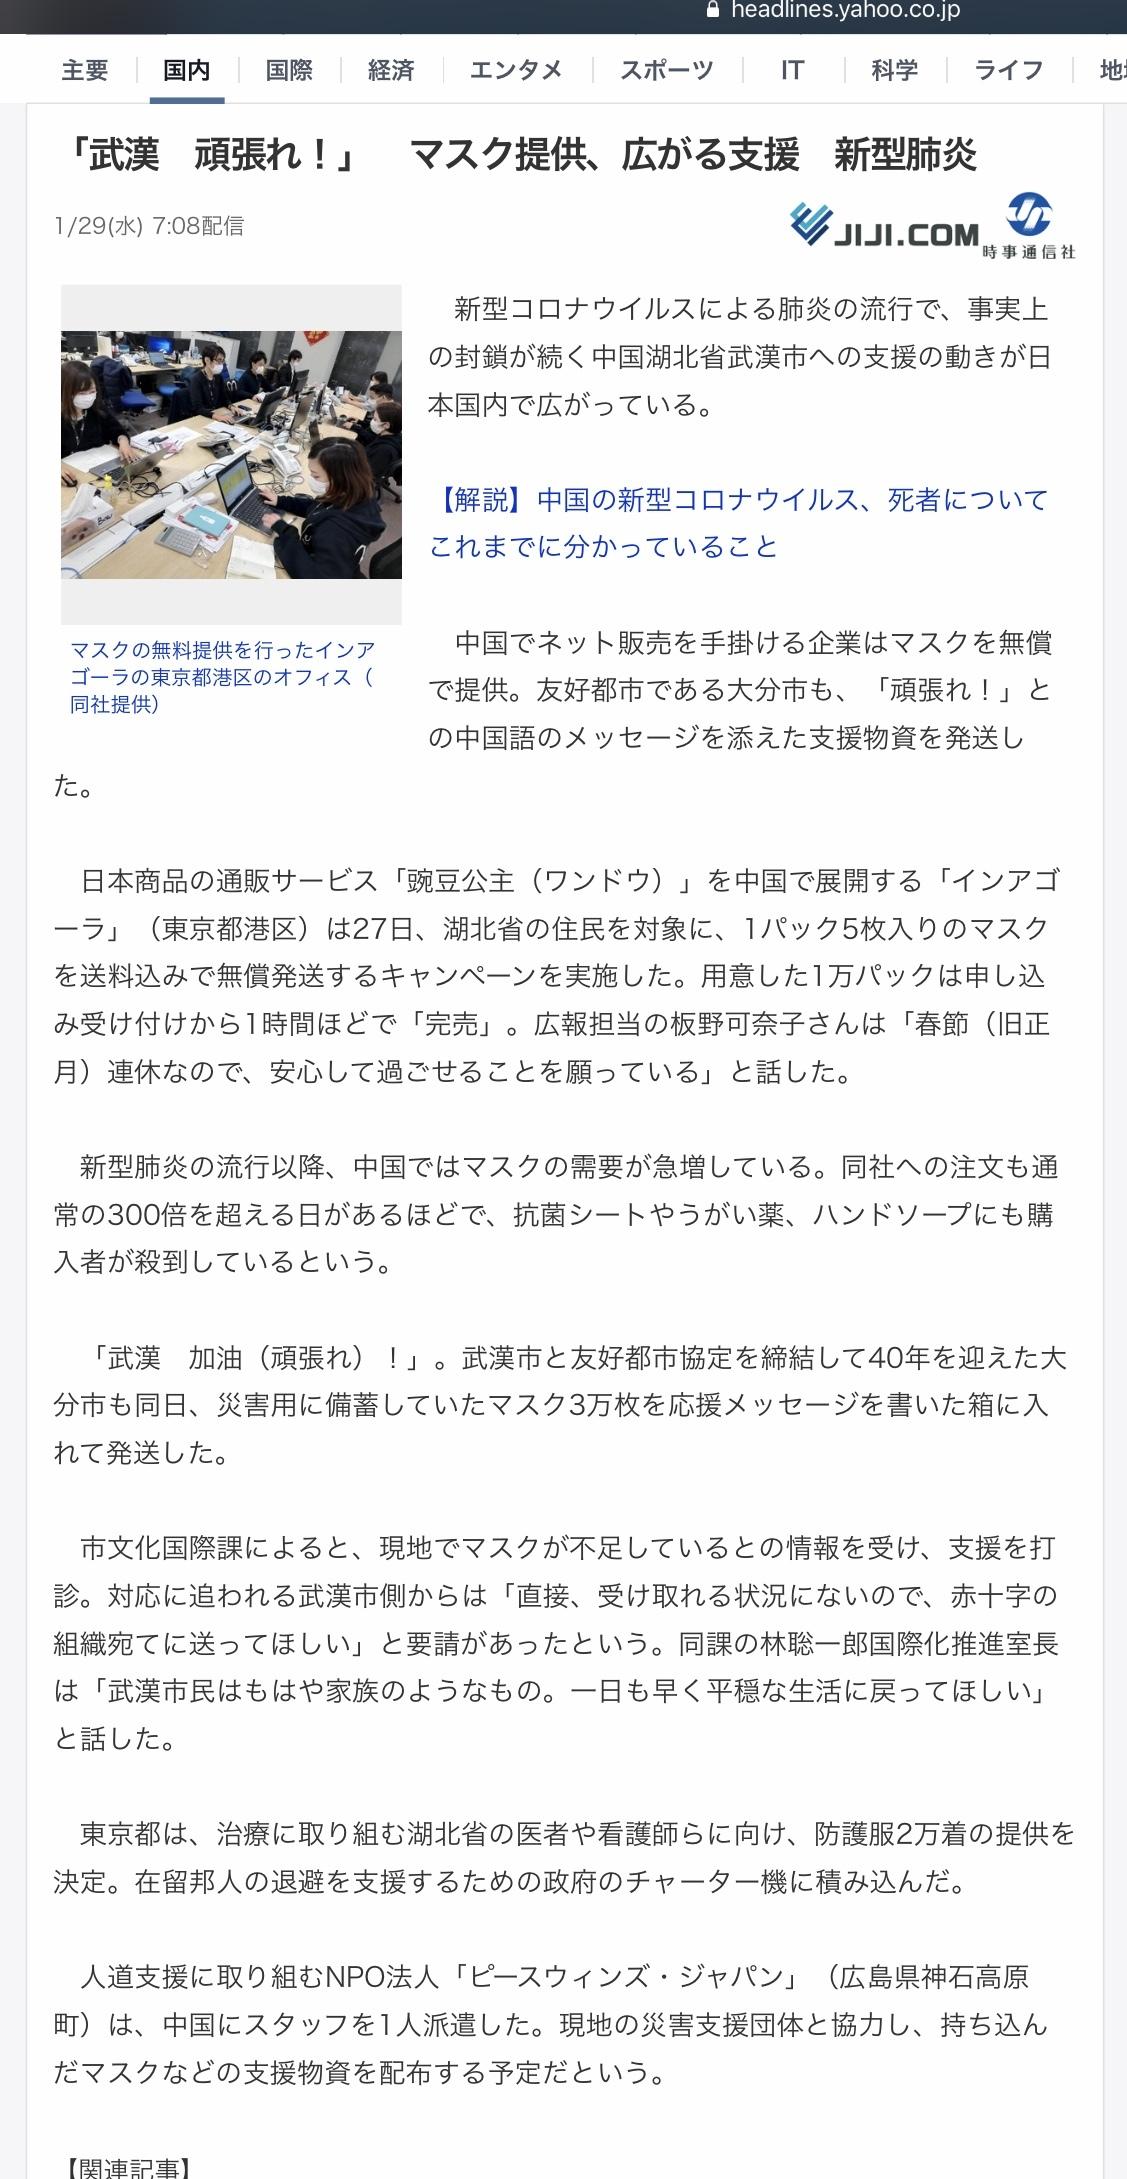 日本援助中国的物资箱上,因何贴出这句偈语